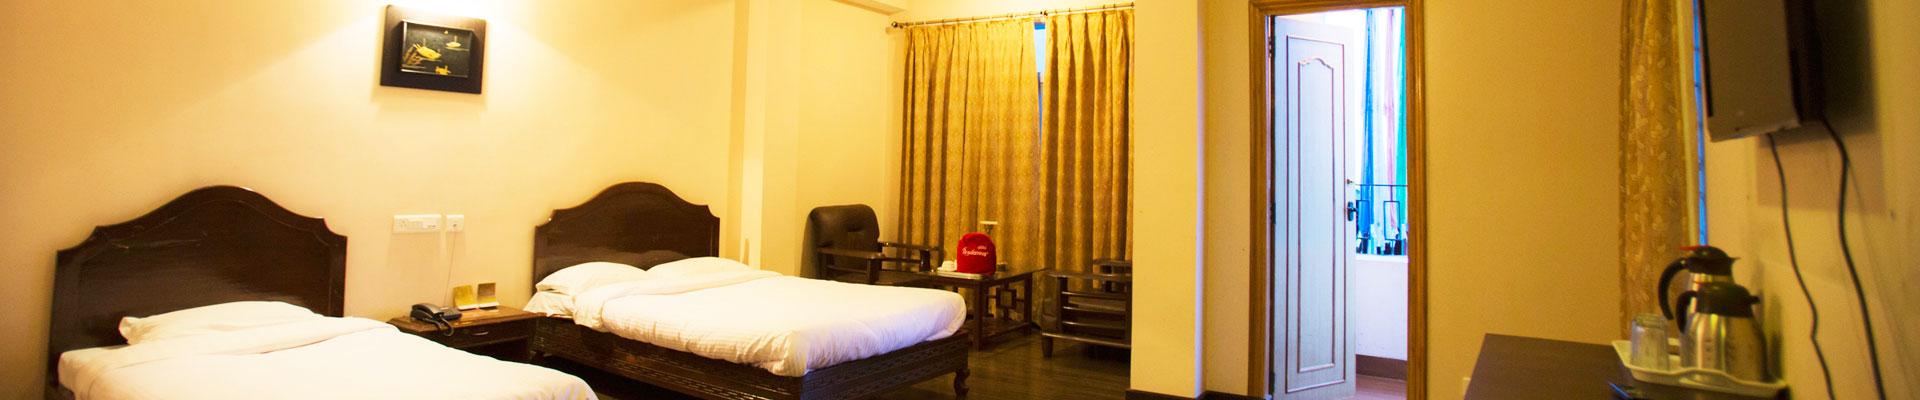 Hotel Rendezvous Deluxe Rooms